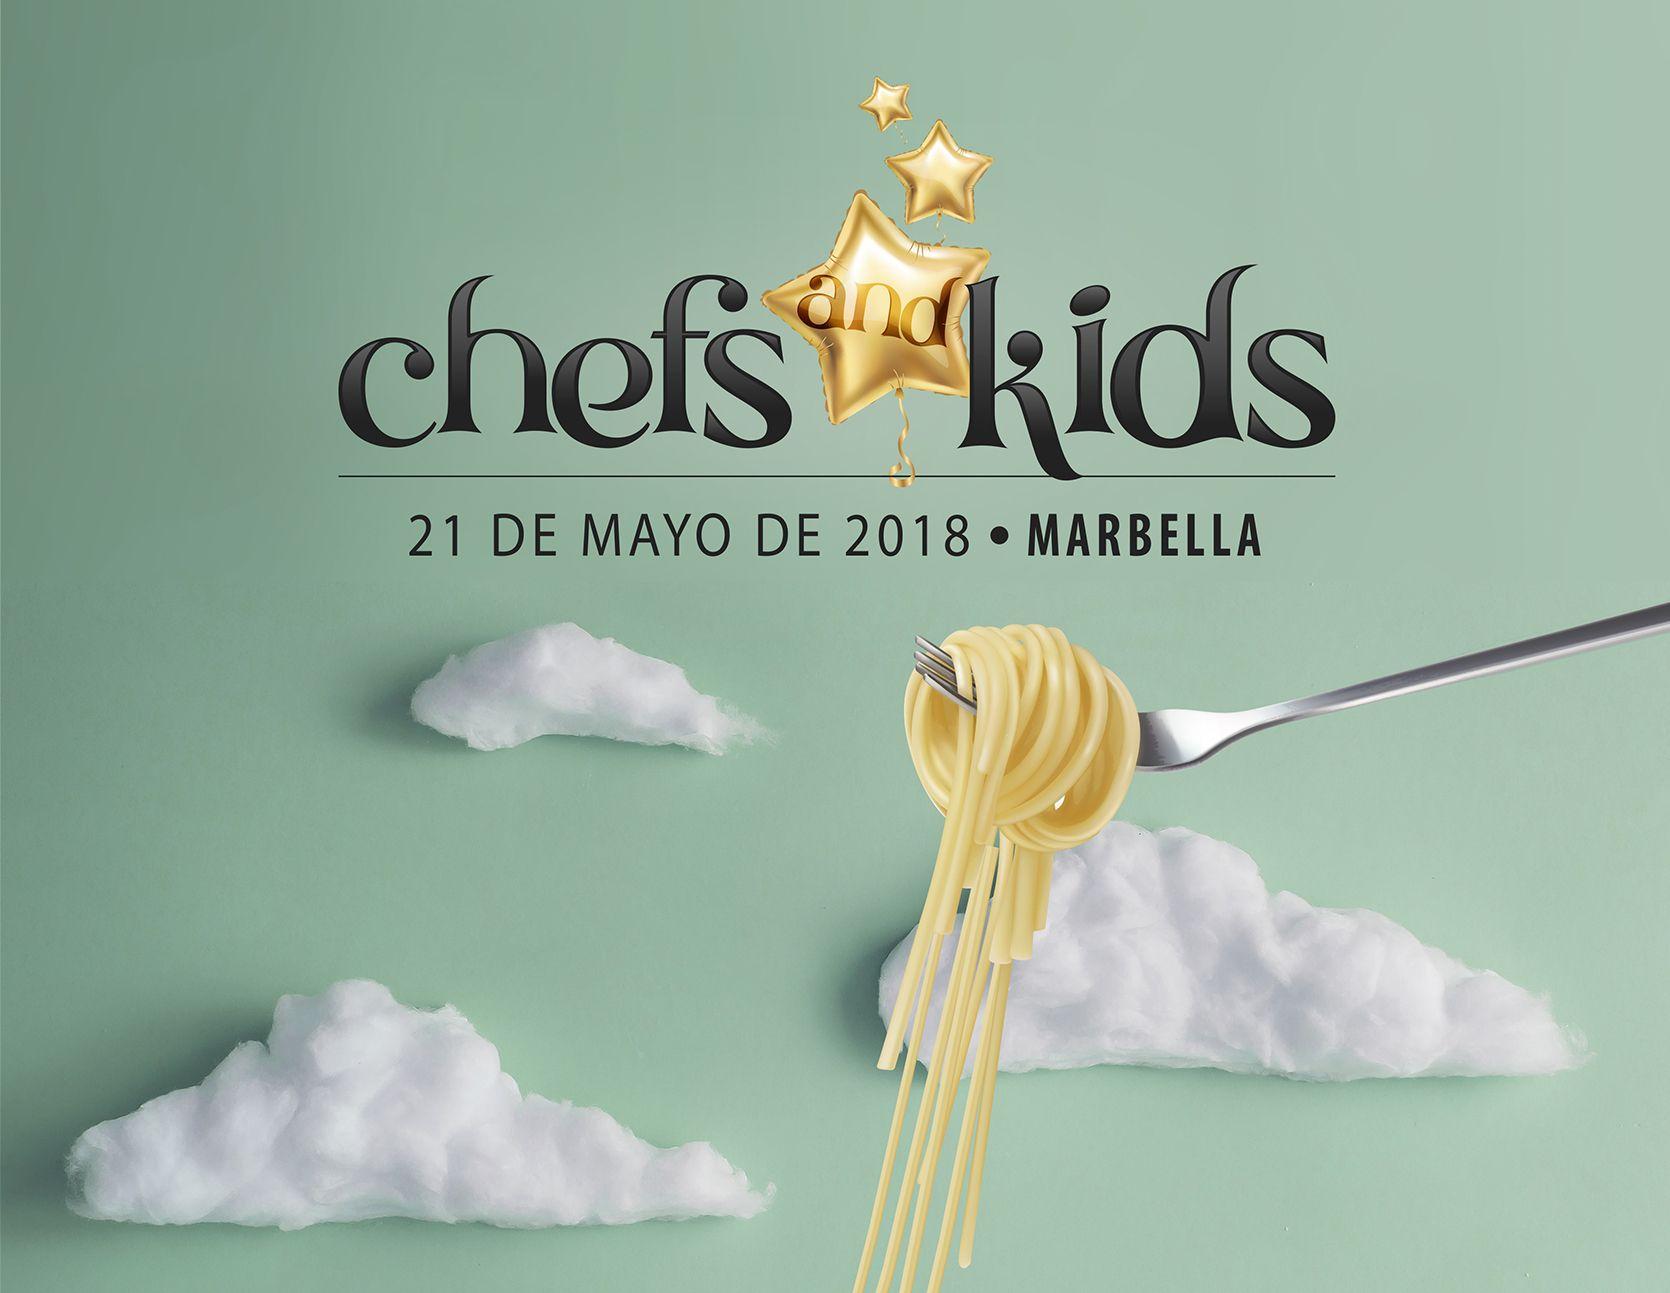 00_Grafica_chefsandkids